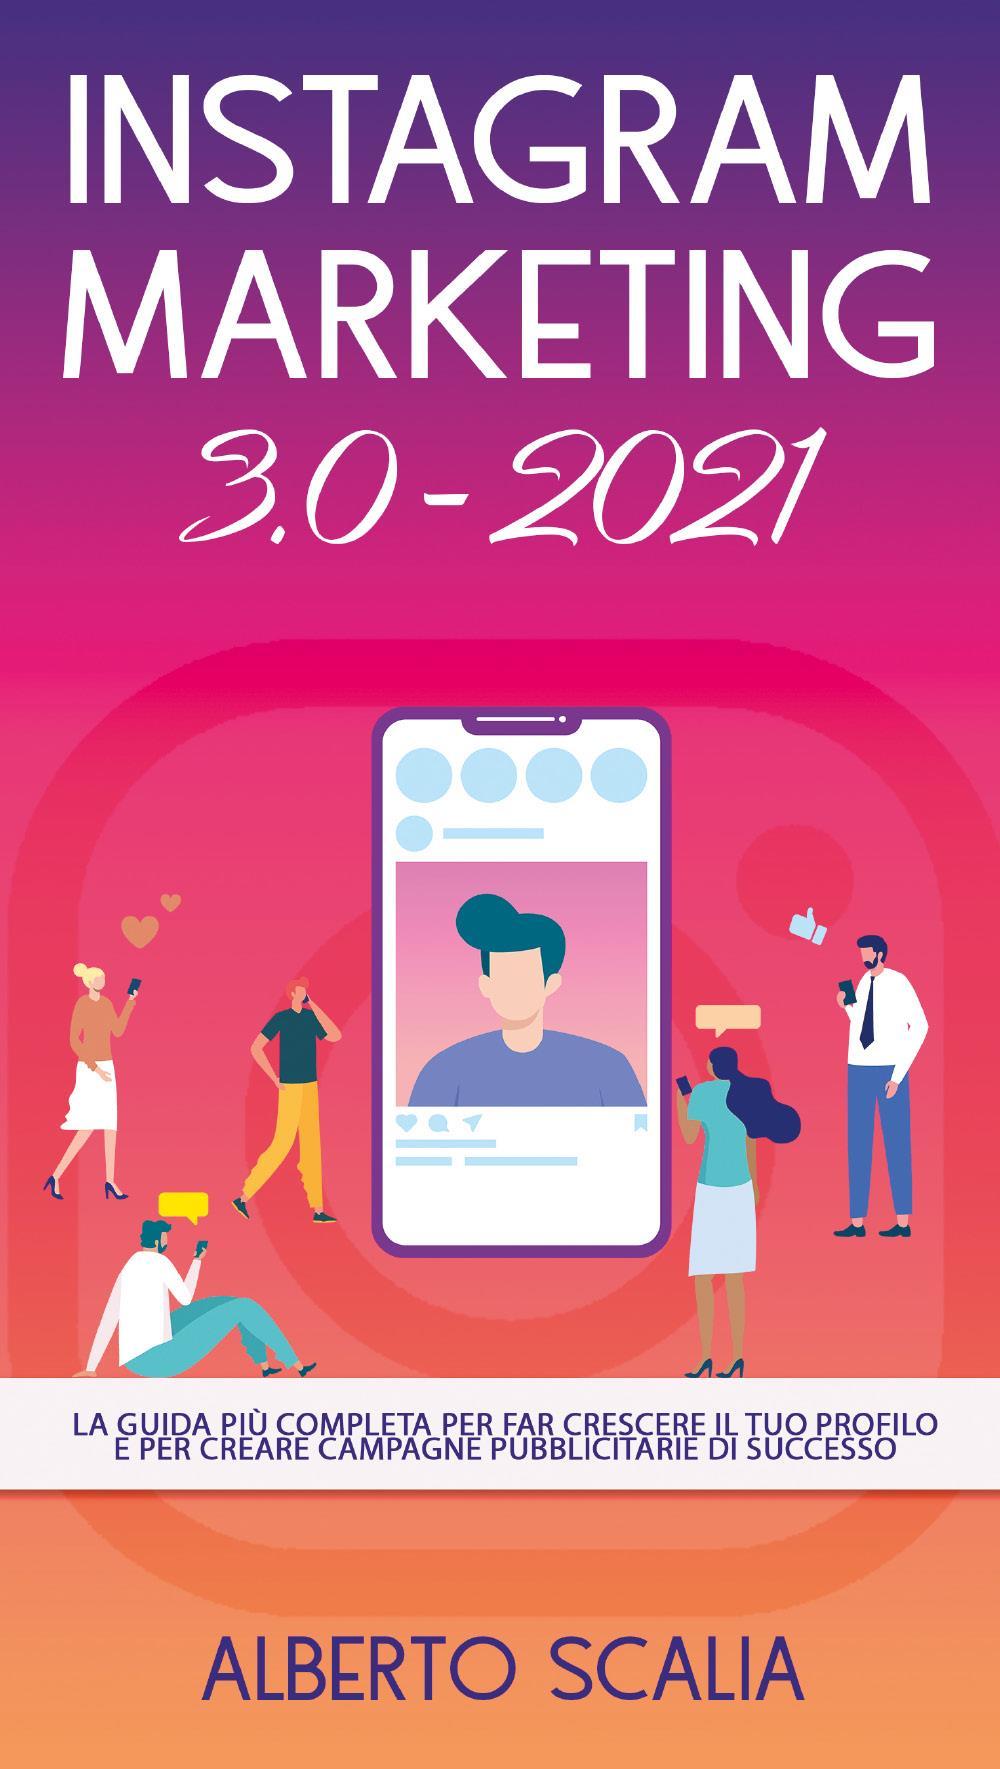 INSTAGRAM MARKETING 3.0 2021; La Guida Più Completa Per Far Crescere Il Tuo Profilo E Per Creare Campagne Pubblicitarie Di Successo